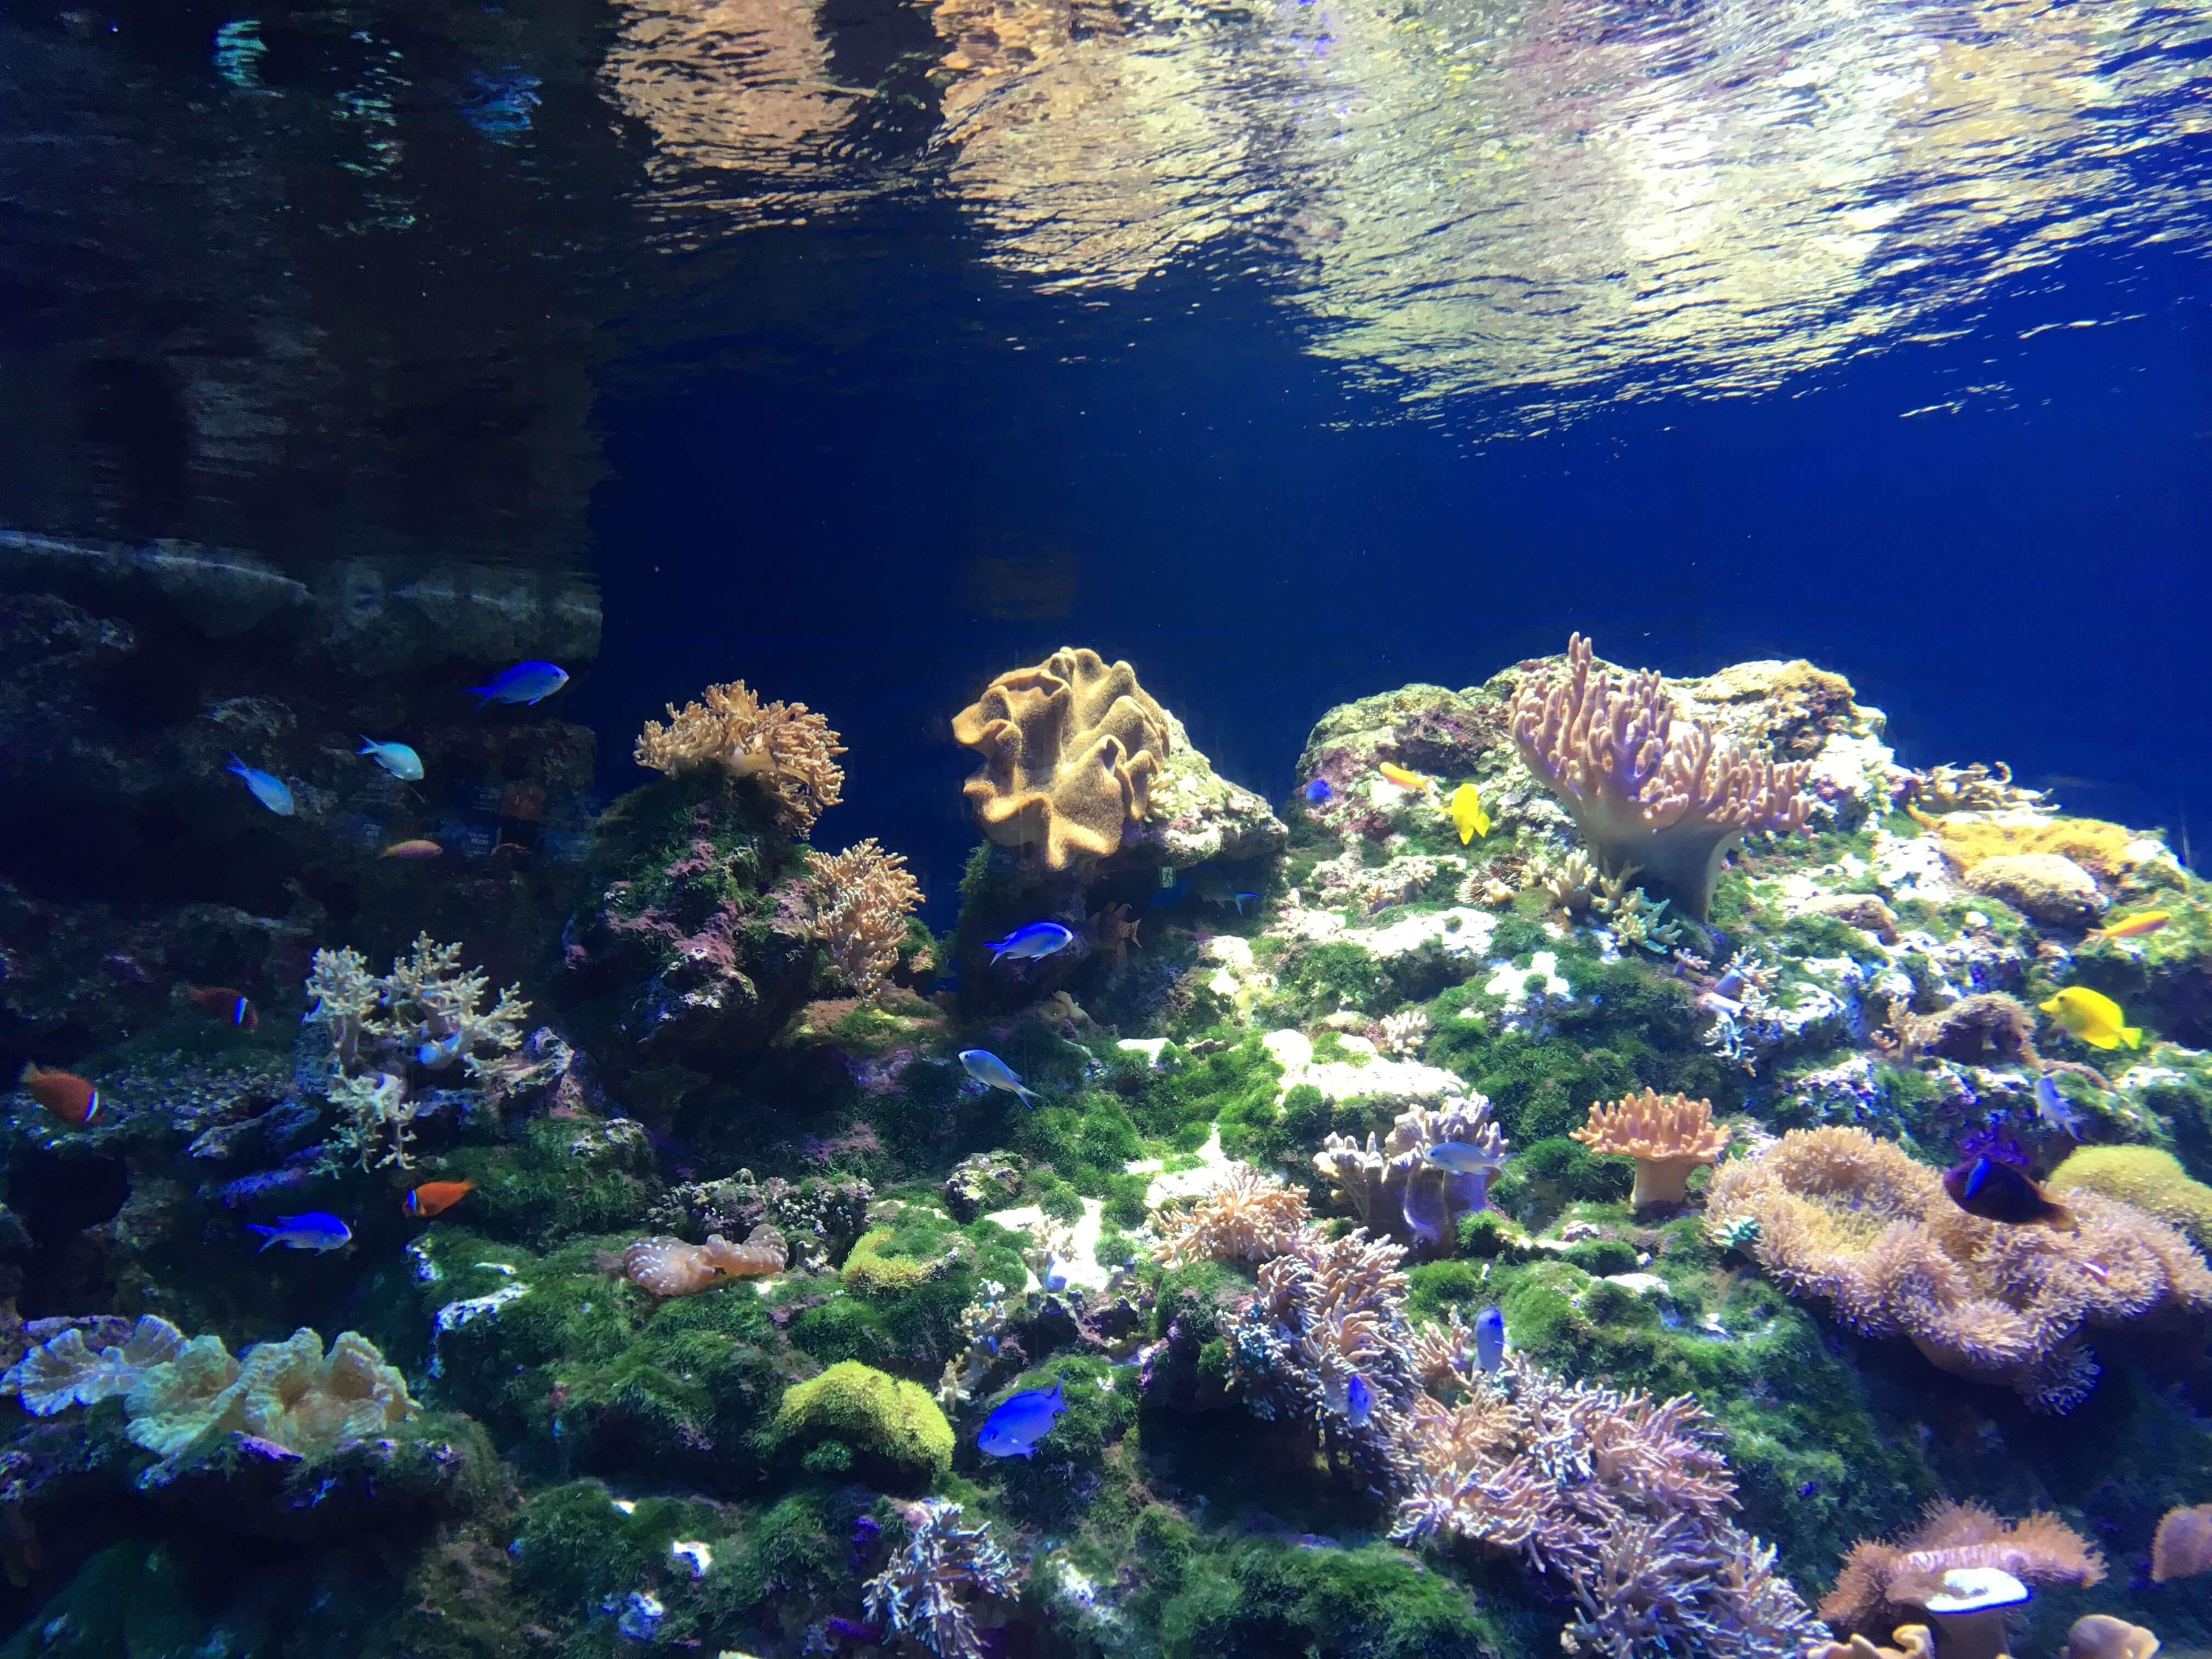 「挙式ができる水族館」を知っていたら教えて頂きたいです。